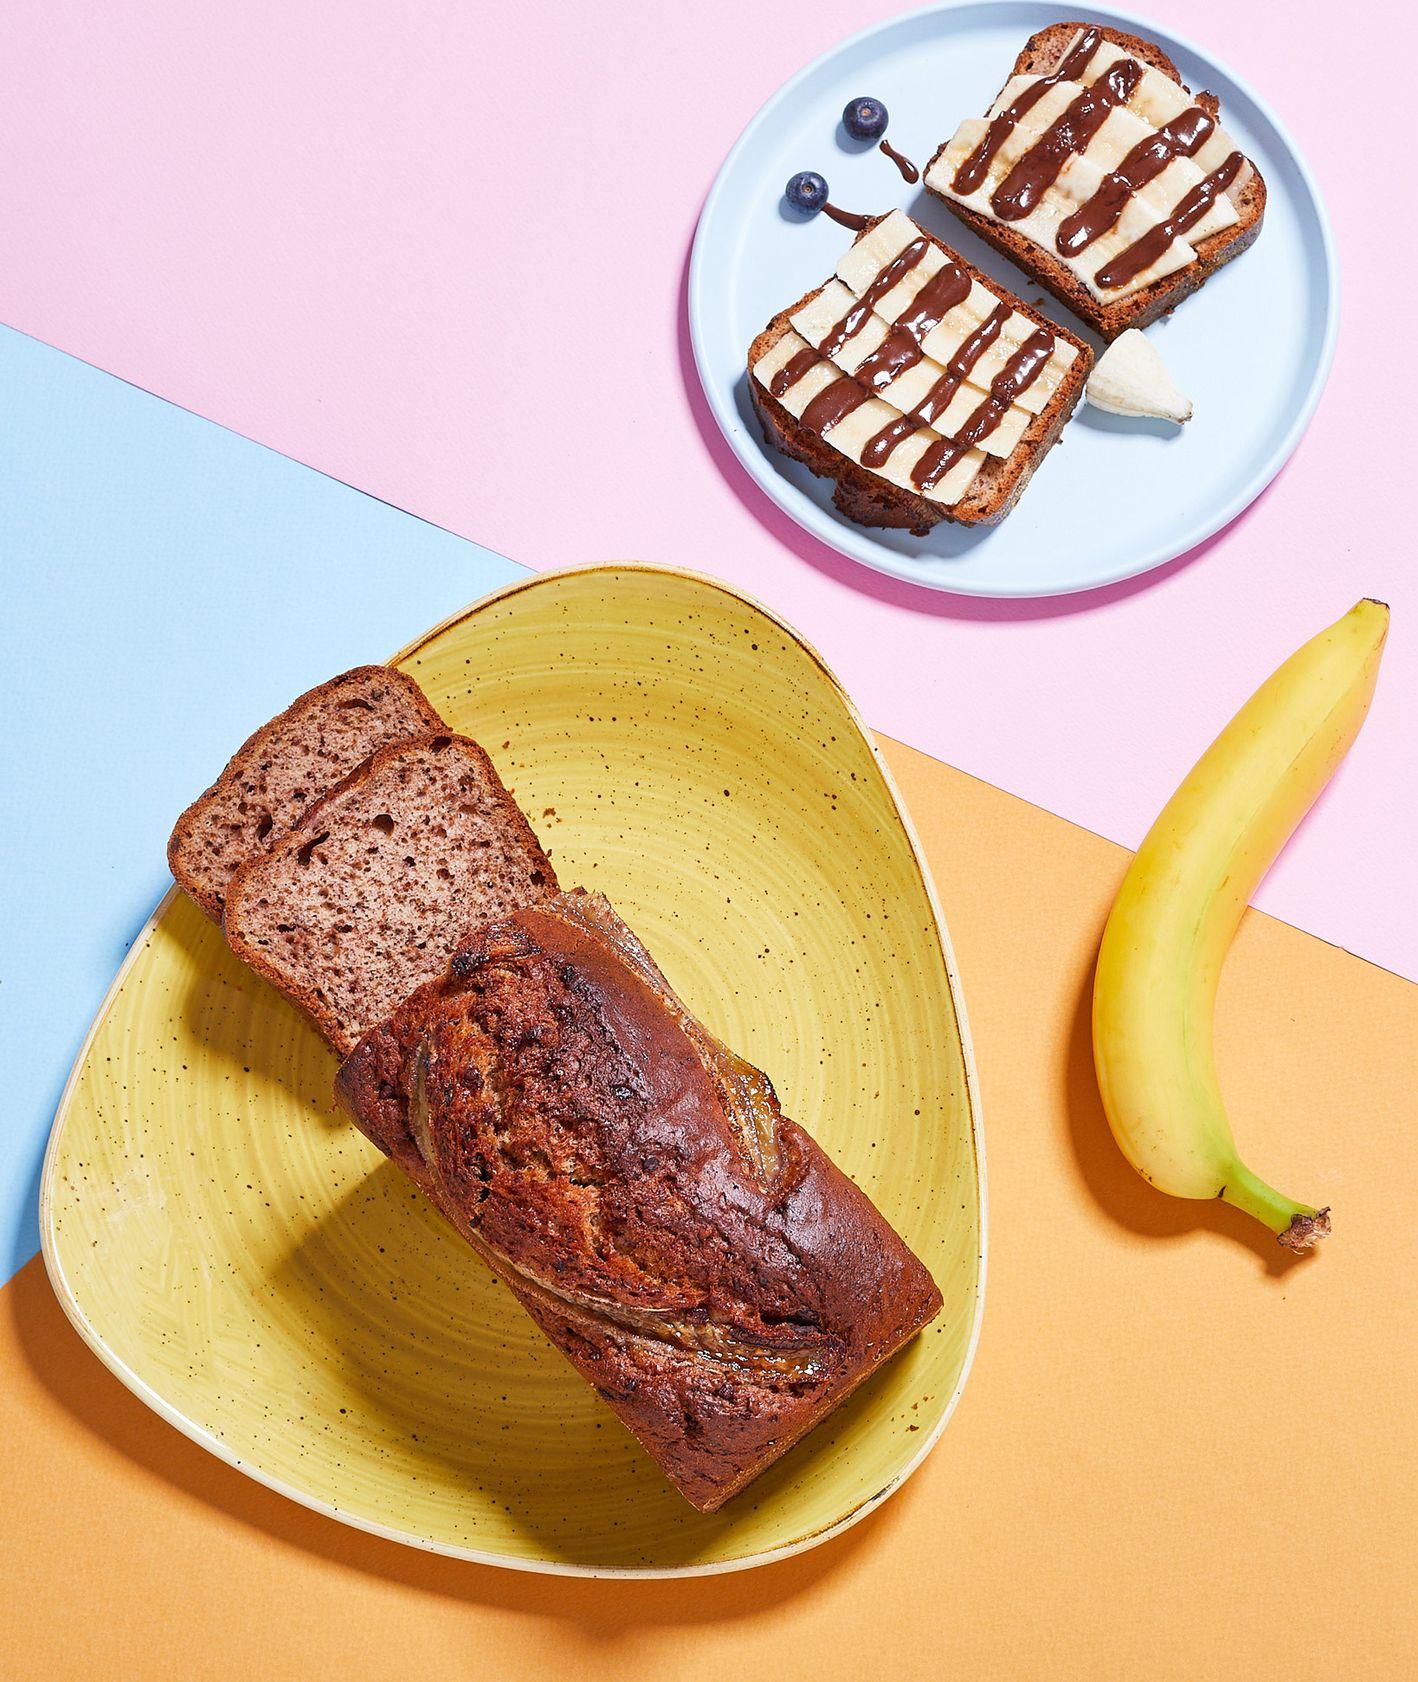 Chlebek bananowy (fot. Maciek Niemojewski)